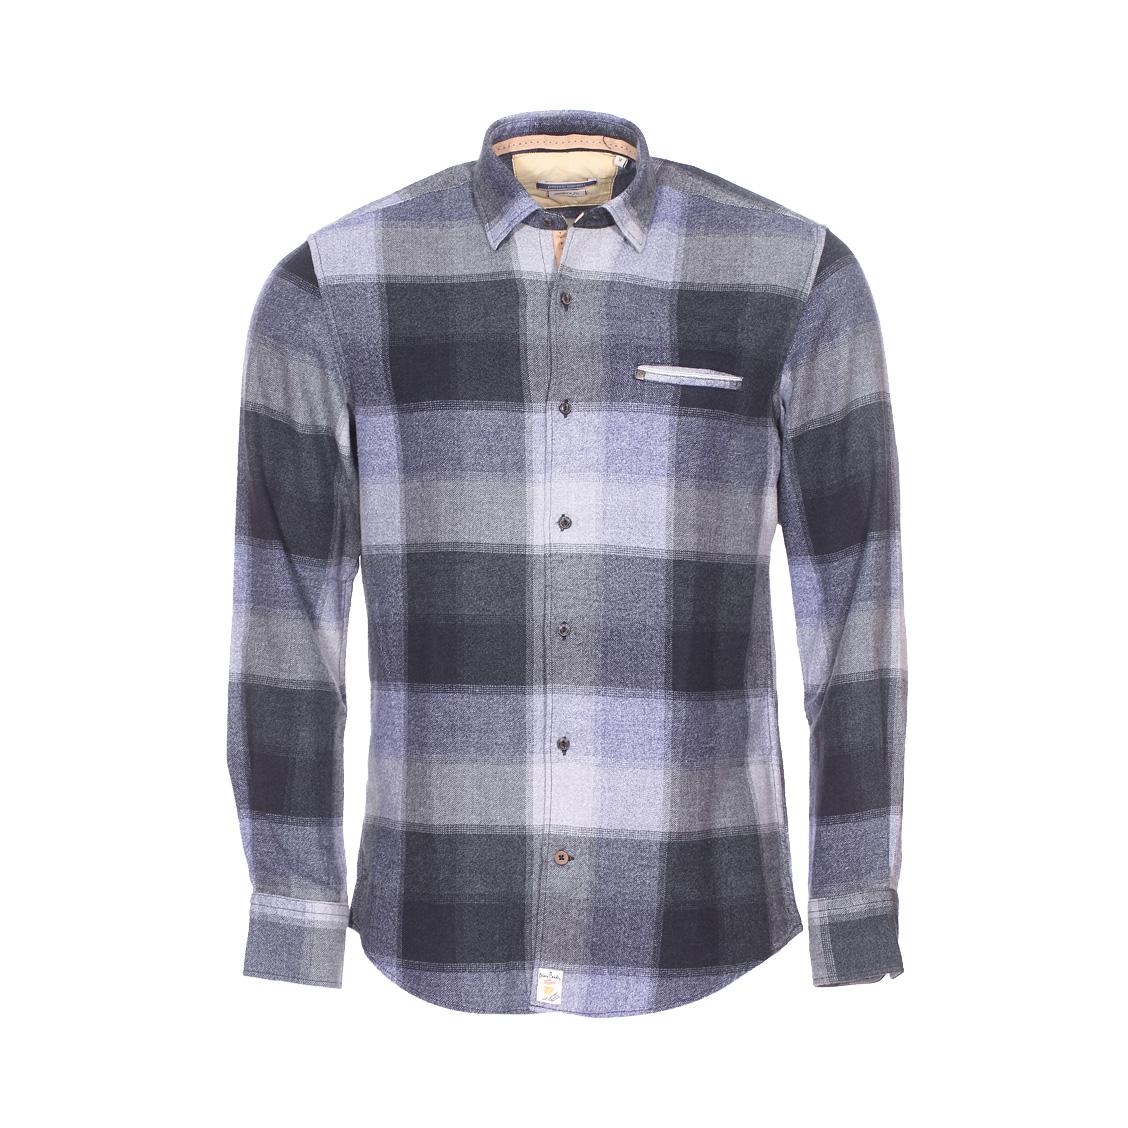 Chemise ajustée  en flanelle de coton à carreaux bleus, gris et vert foncé